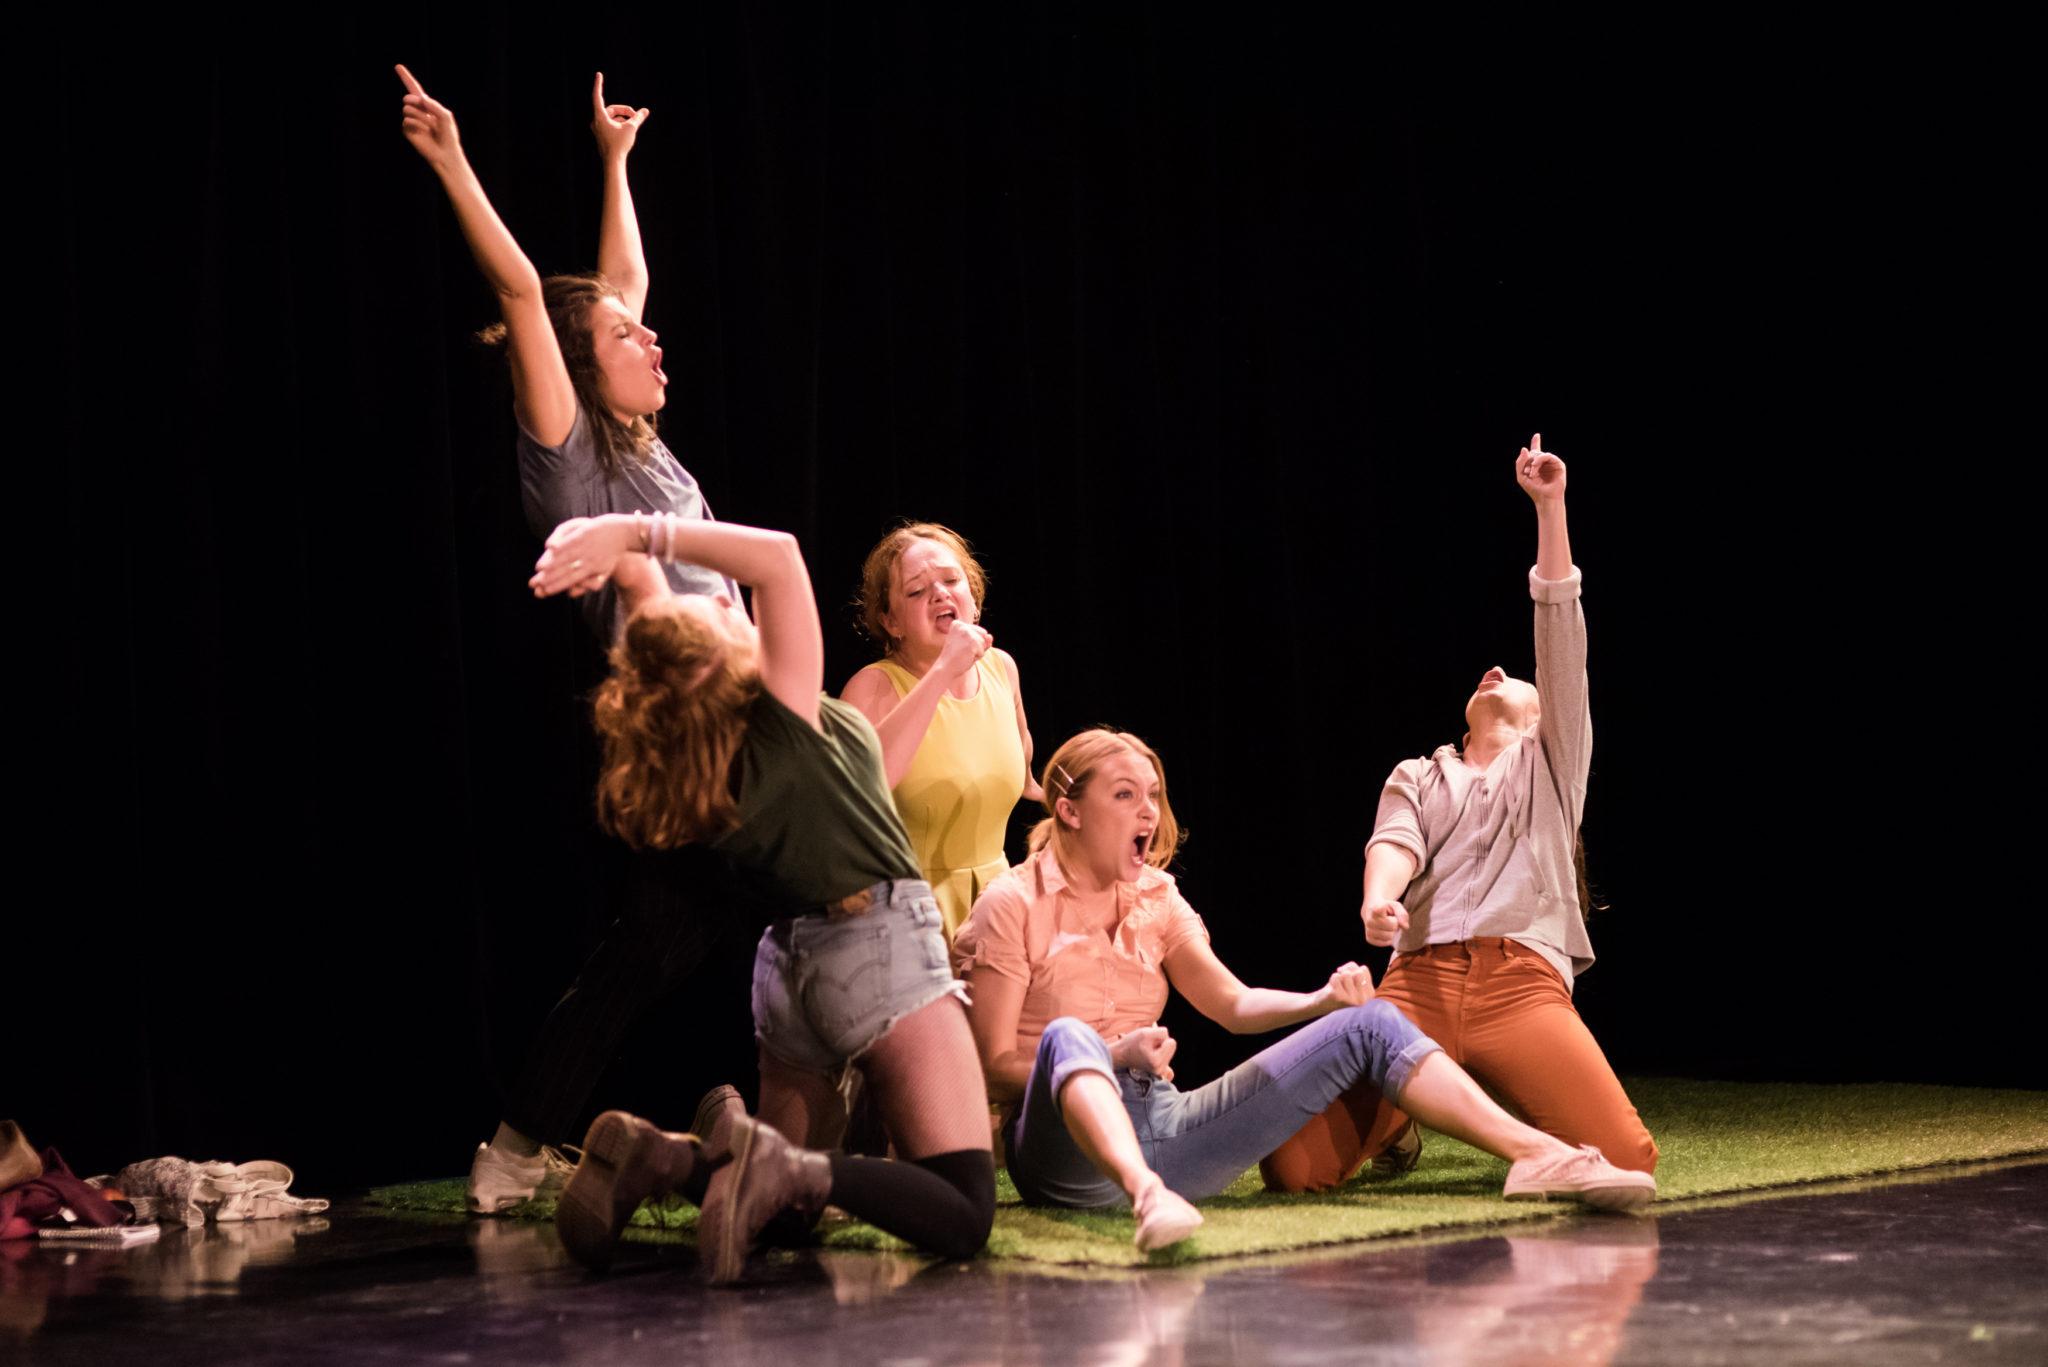 Mon Olympe pièce de théâtre présentée à Avignon Le OFF 18